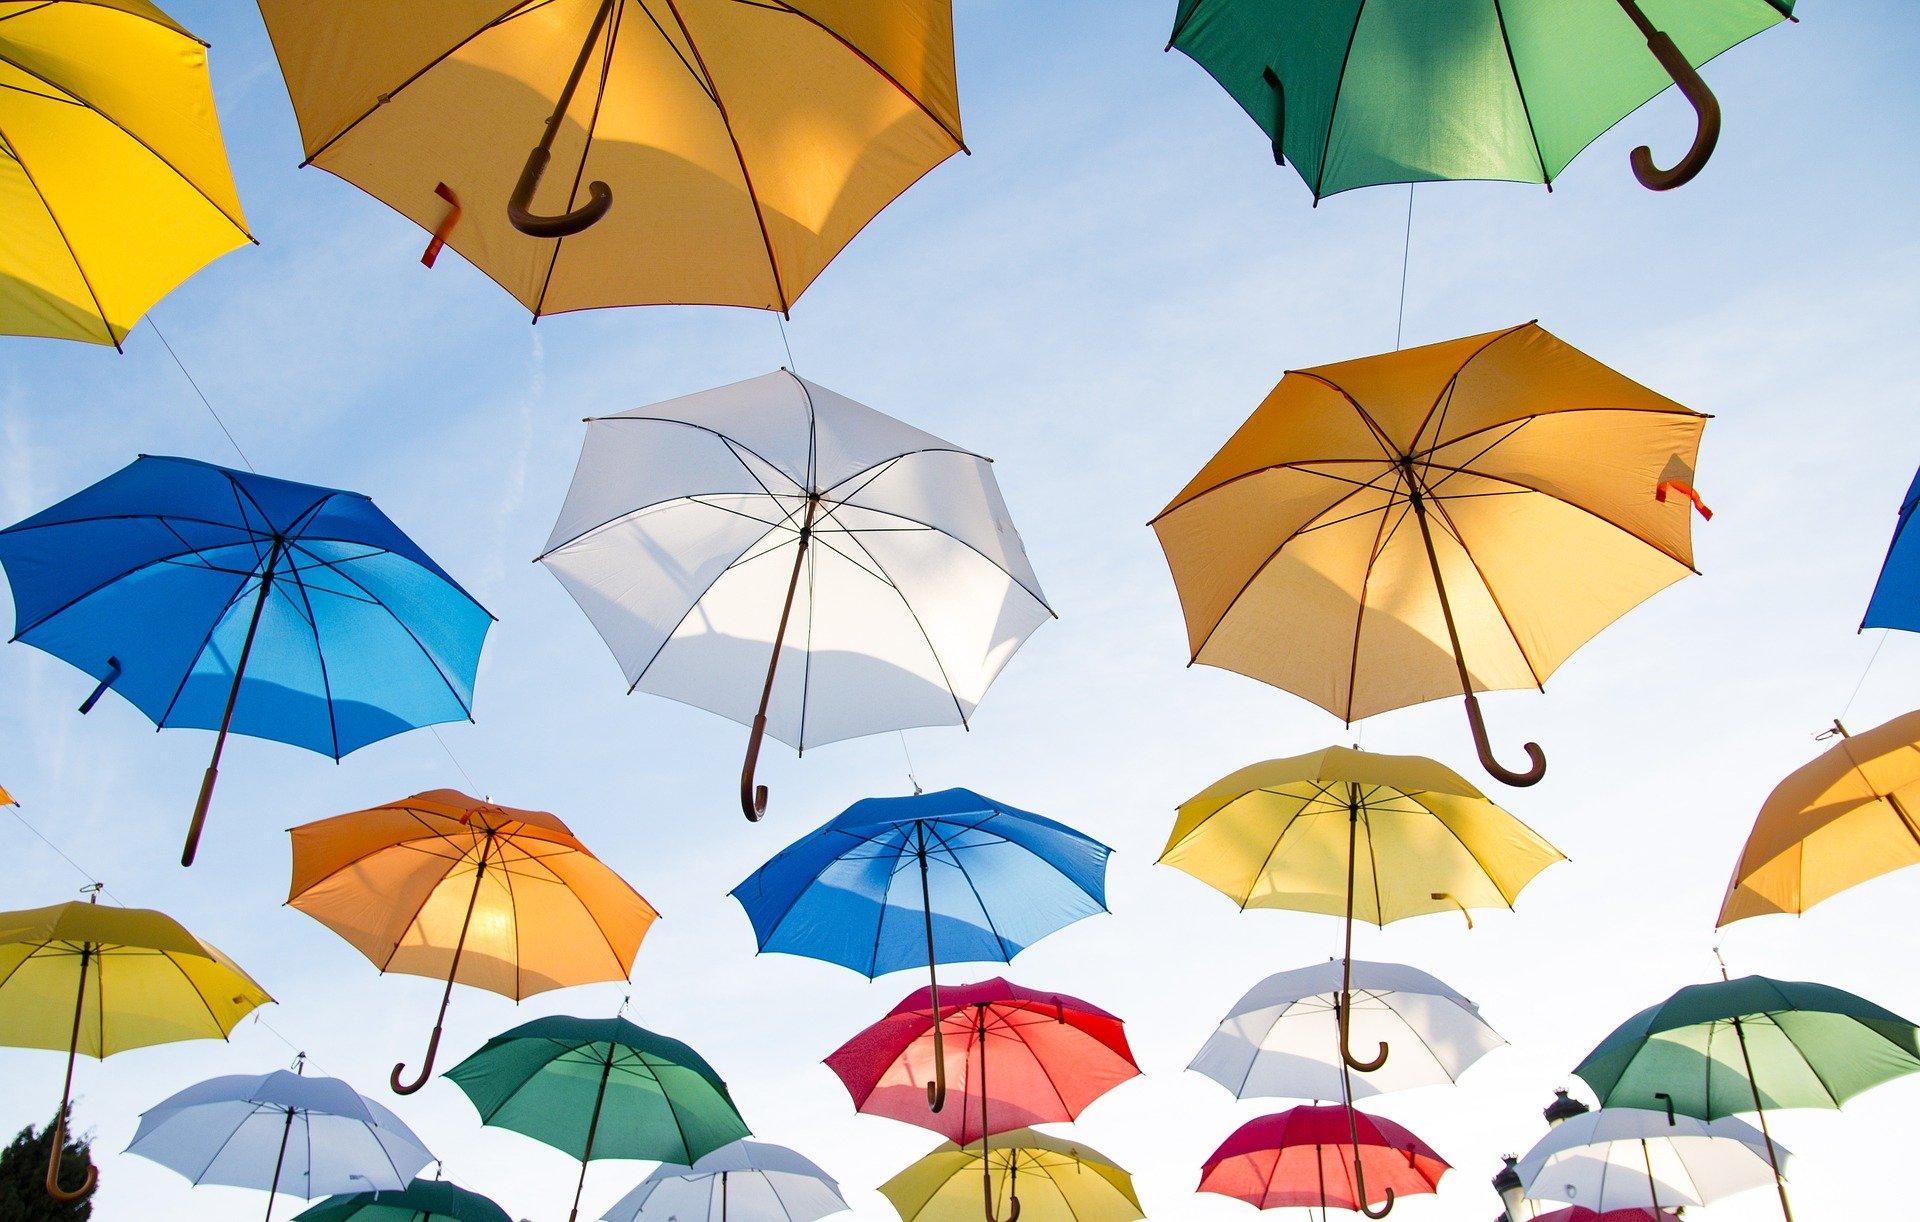 umbrellas-1281751_1920